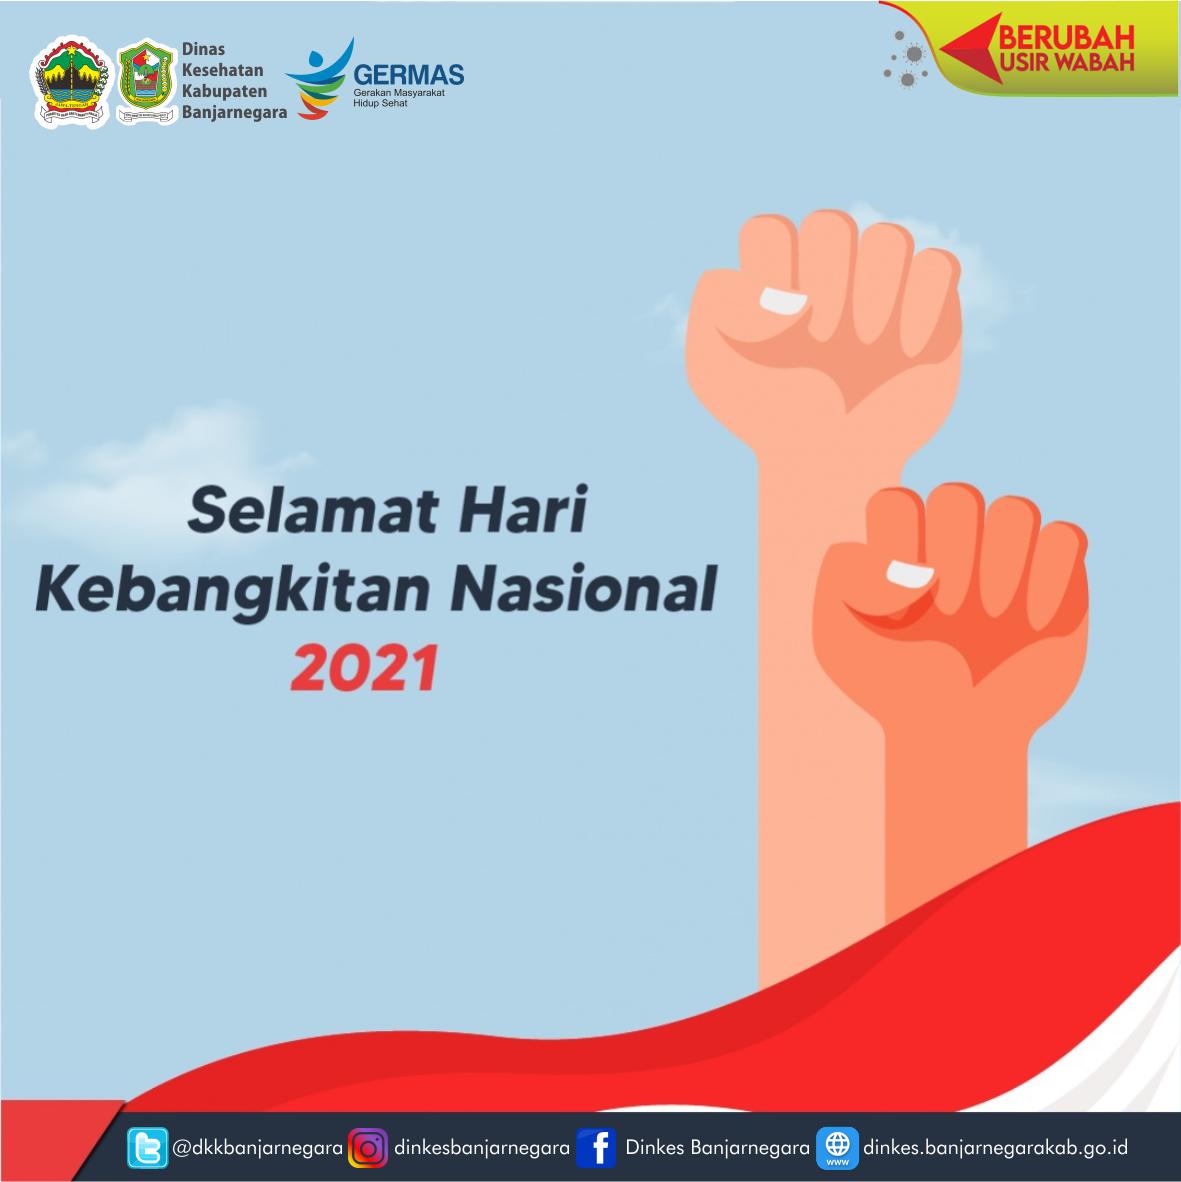 Hari Kebangkitan Nasional || 20 Mei 2021